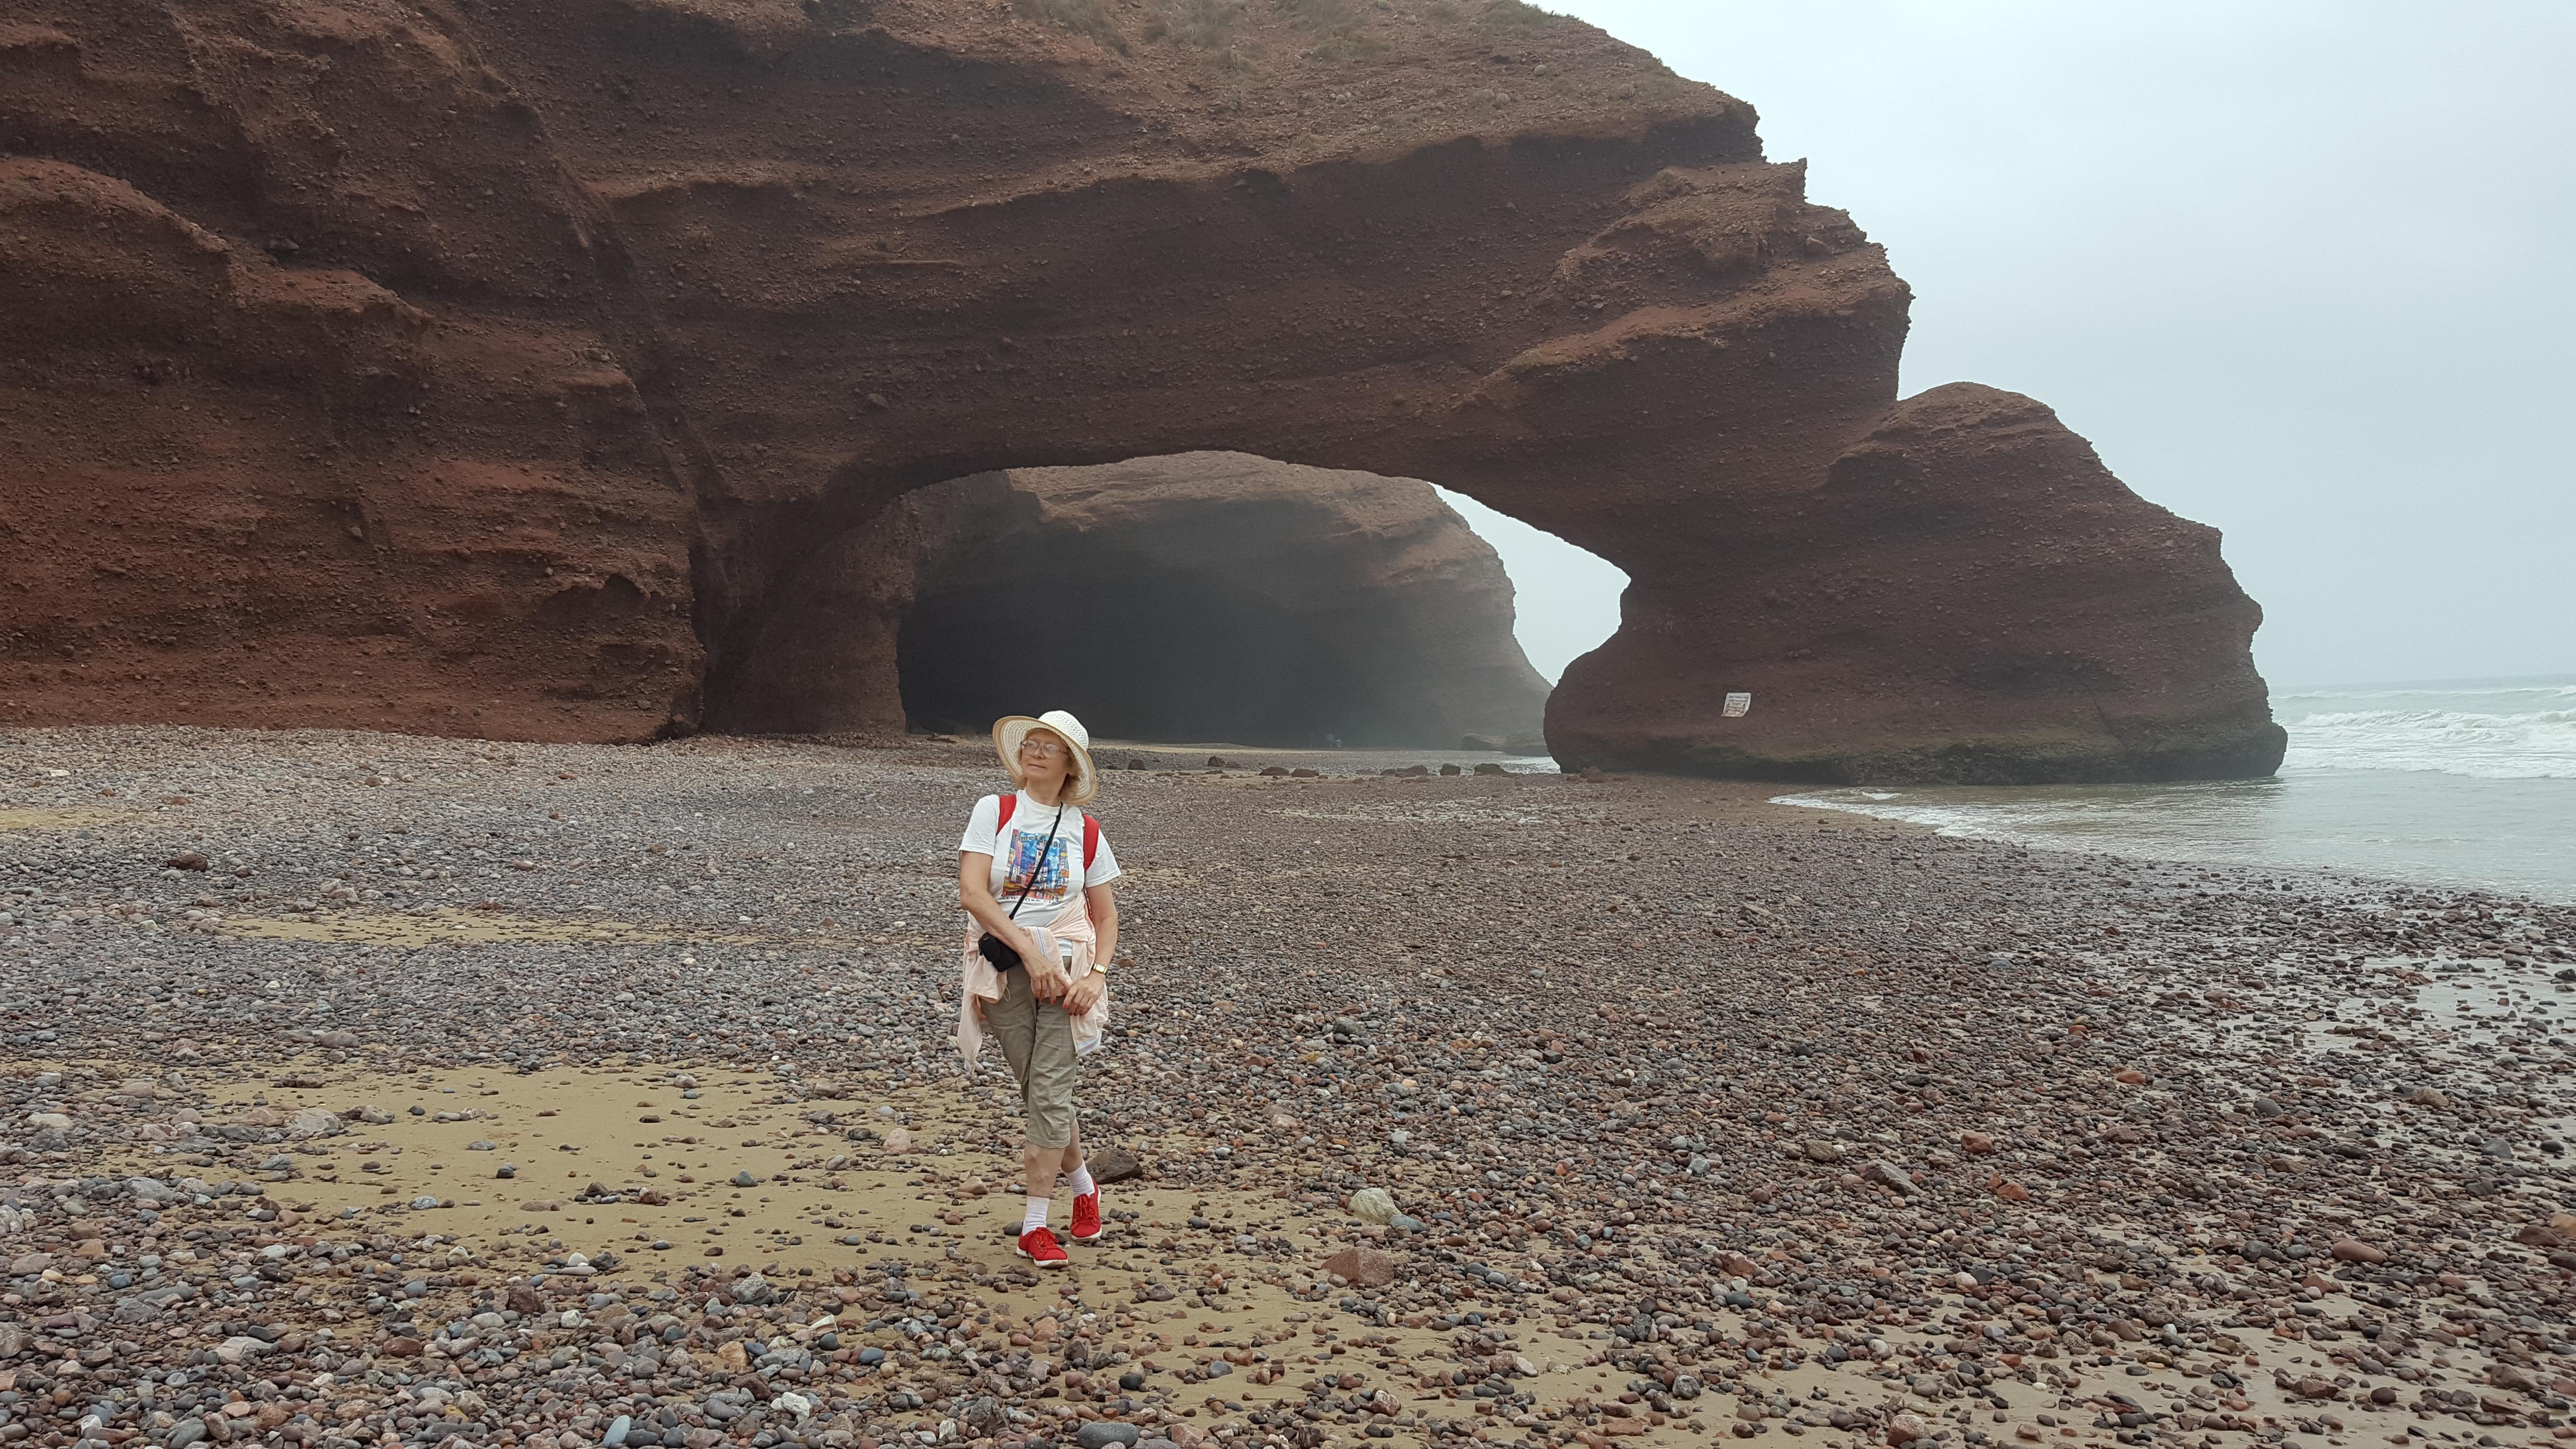 Легзира, Марокко. Скальные арки и пещеры на пляже